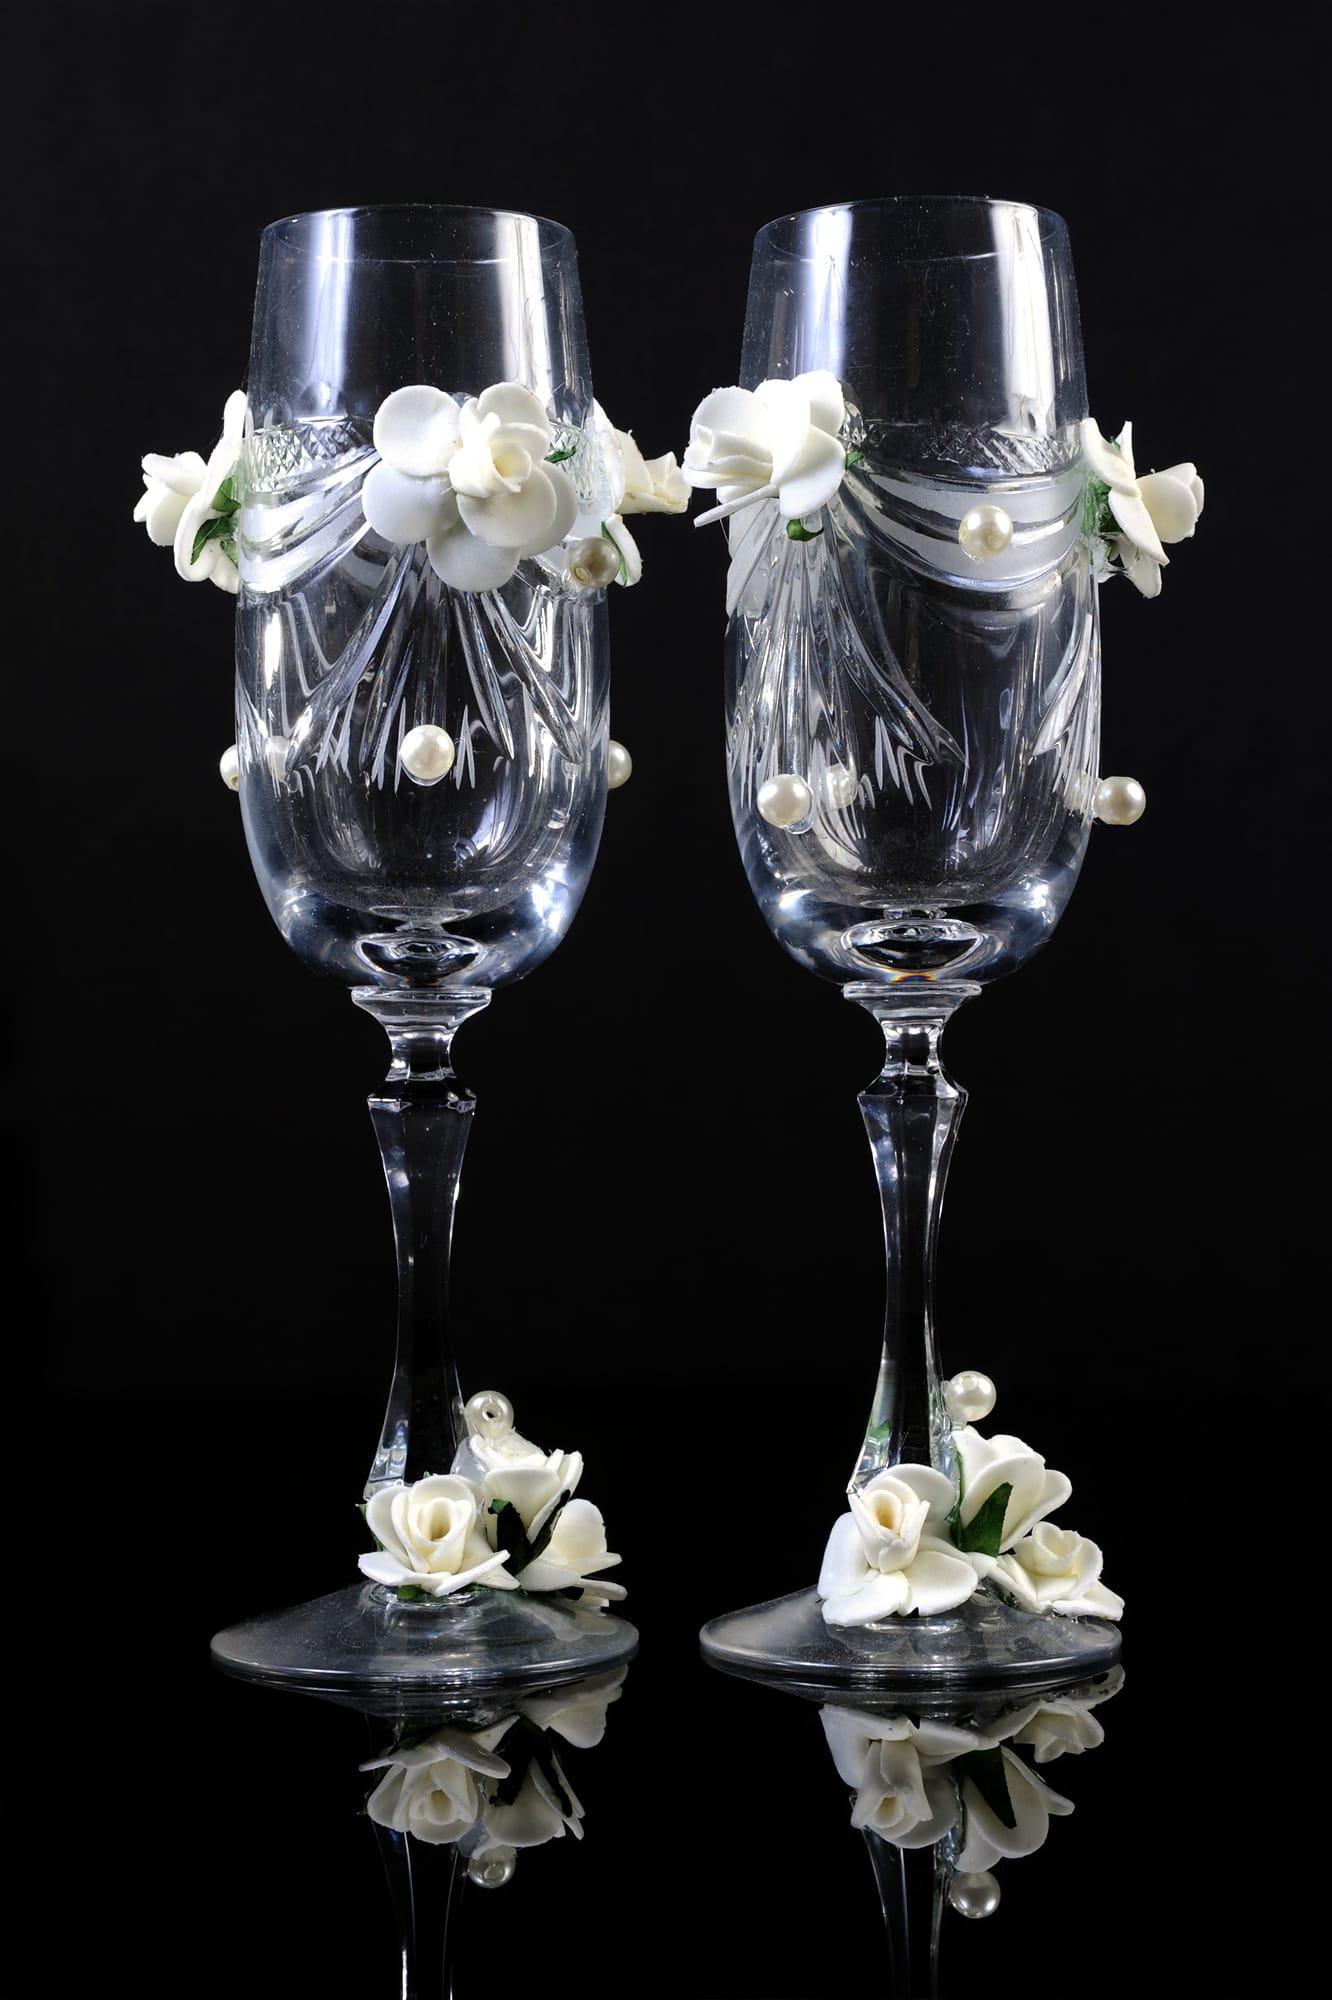 Свадебные фужеры из прозрачного стекла с объемной отделкой белыми цветами.